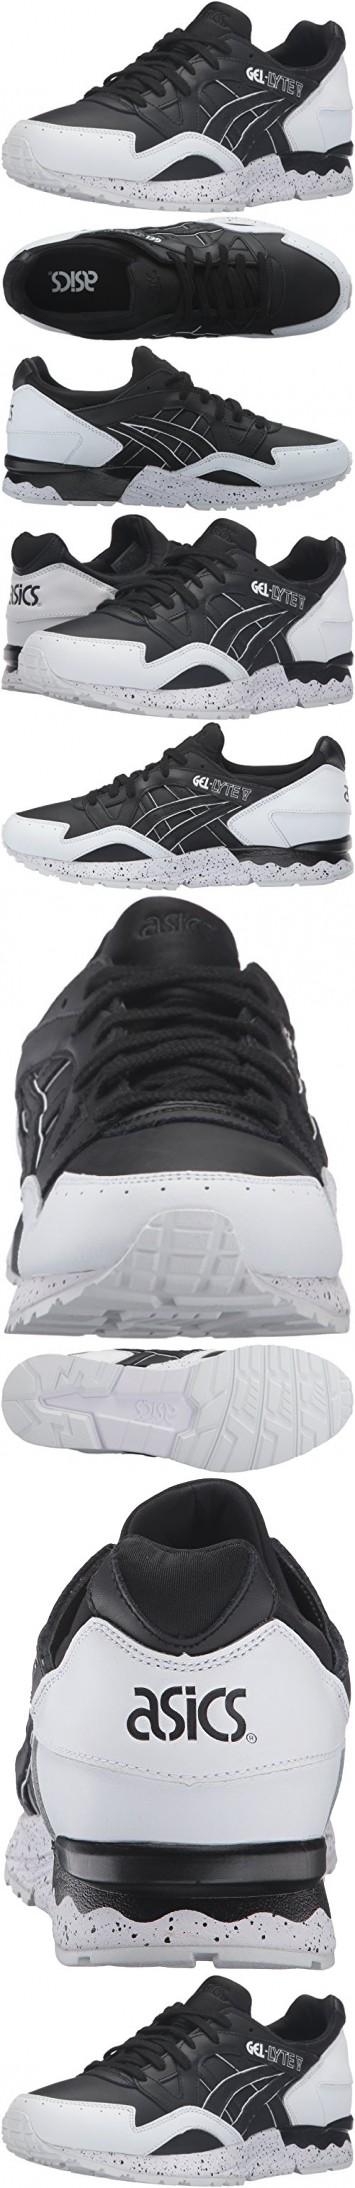 ASICS - Baskets à la mode - hommes Gel - Lyte V pour hommes - Noir - 11 M US | c6f0996 - myptmaciasbook.club